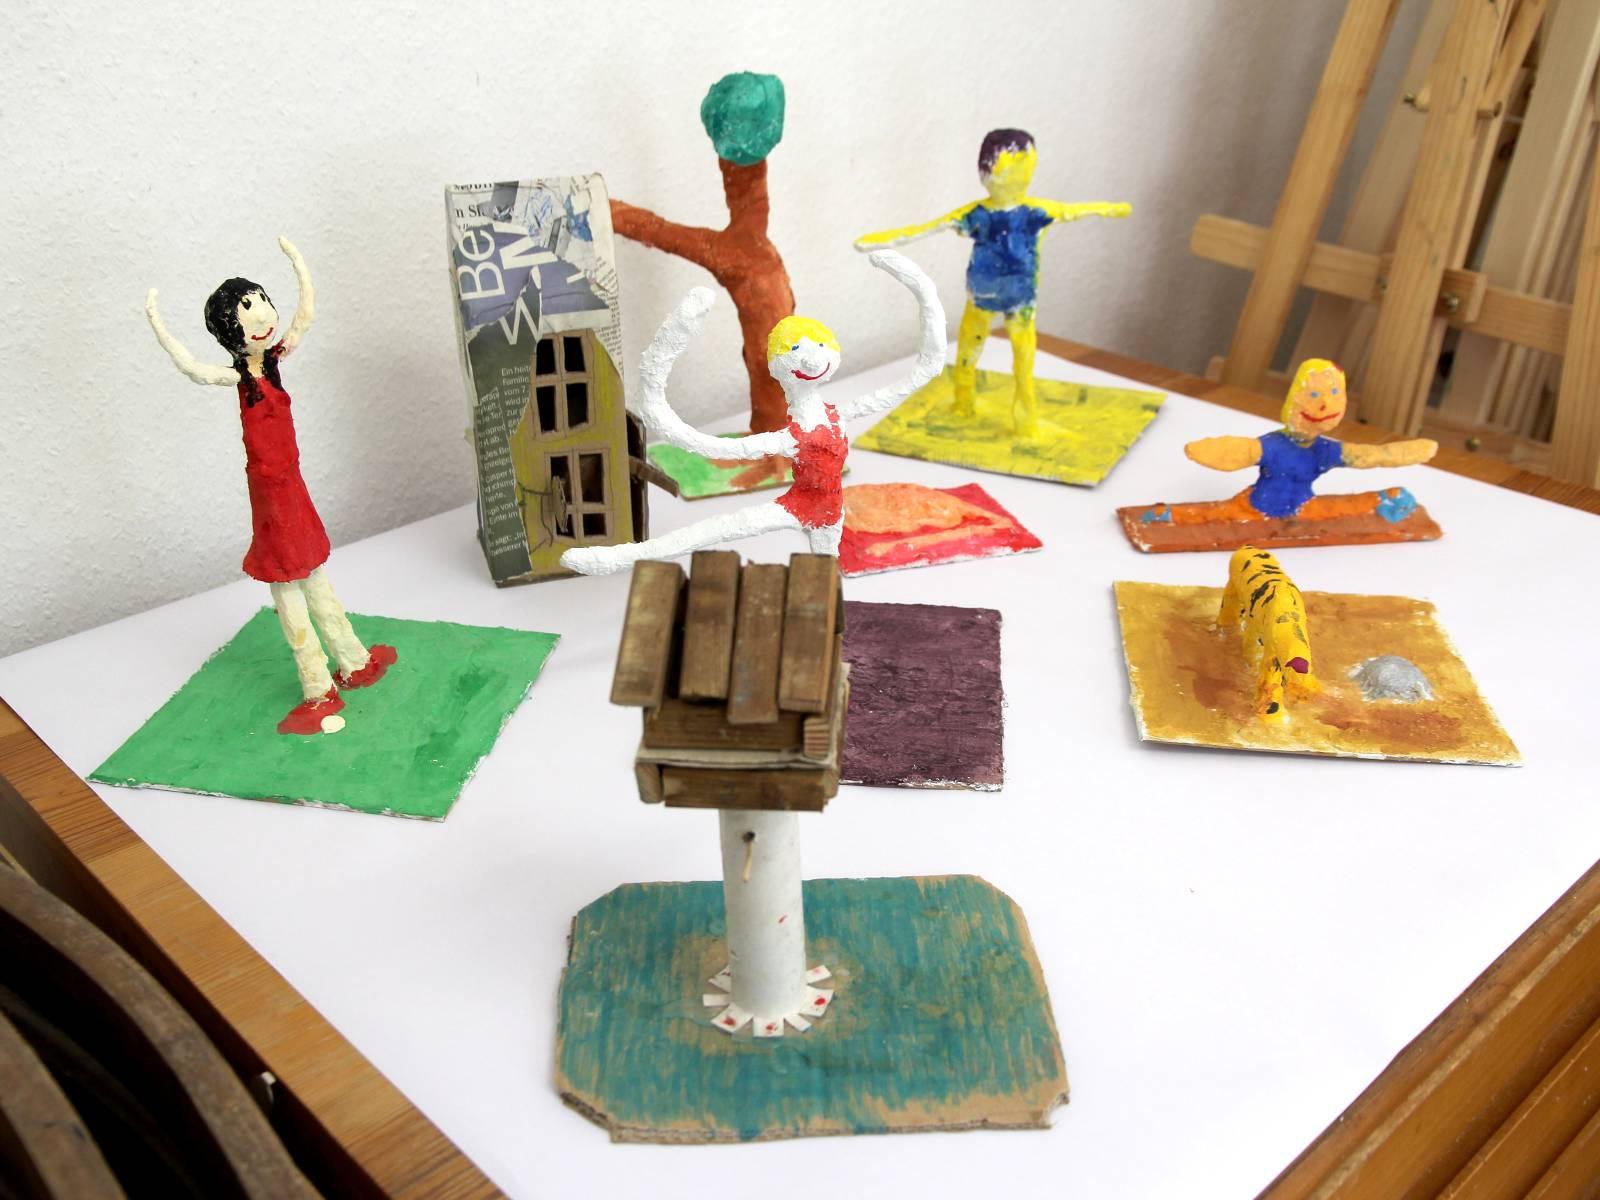 Kunstgespuer Kinderatelier-Ausstellung-Fantasievolle-Druckgrafik-Plastik Bewegung